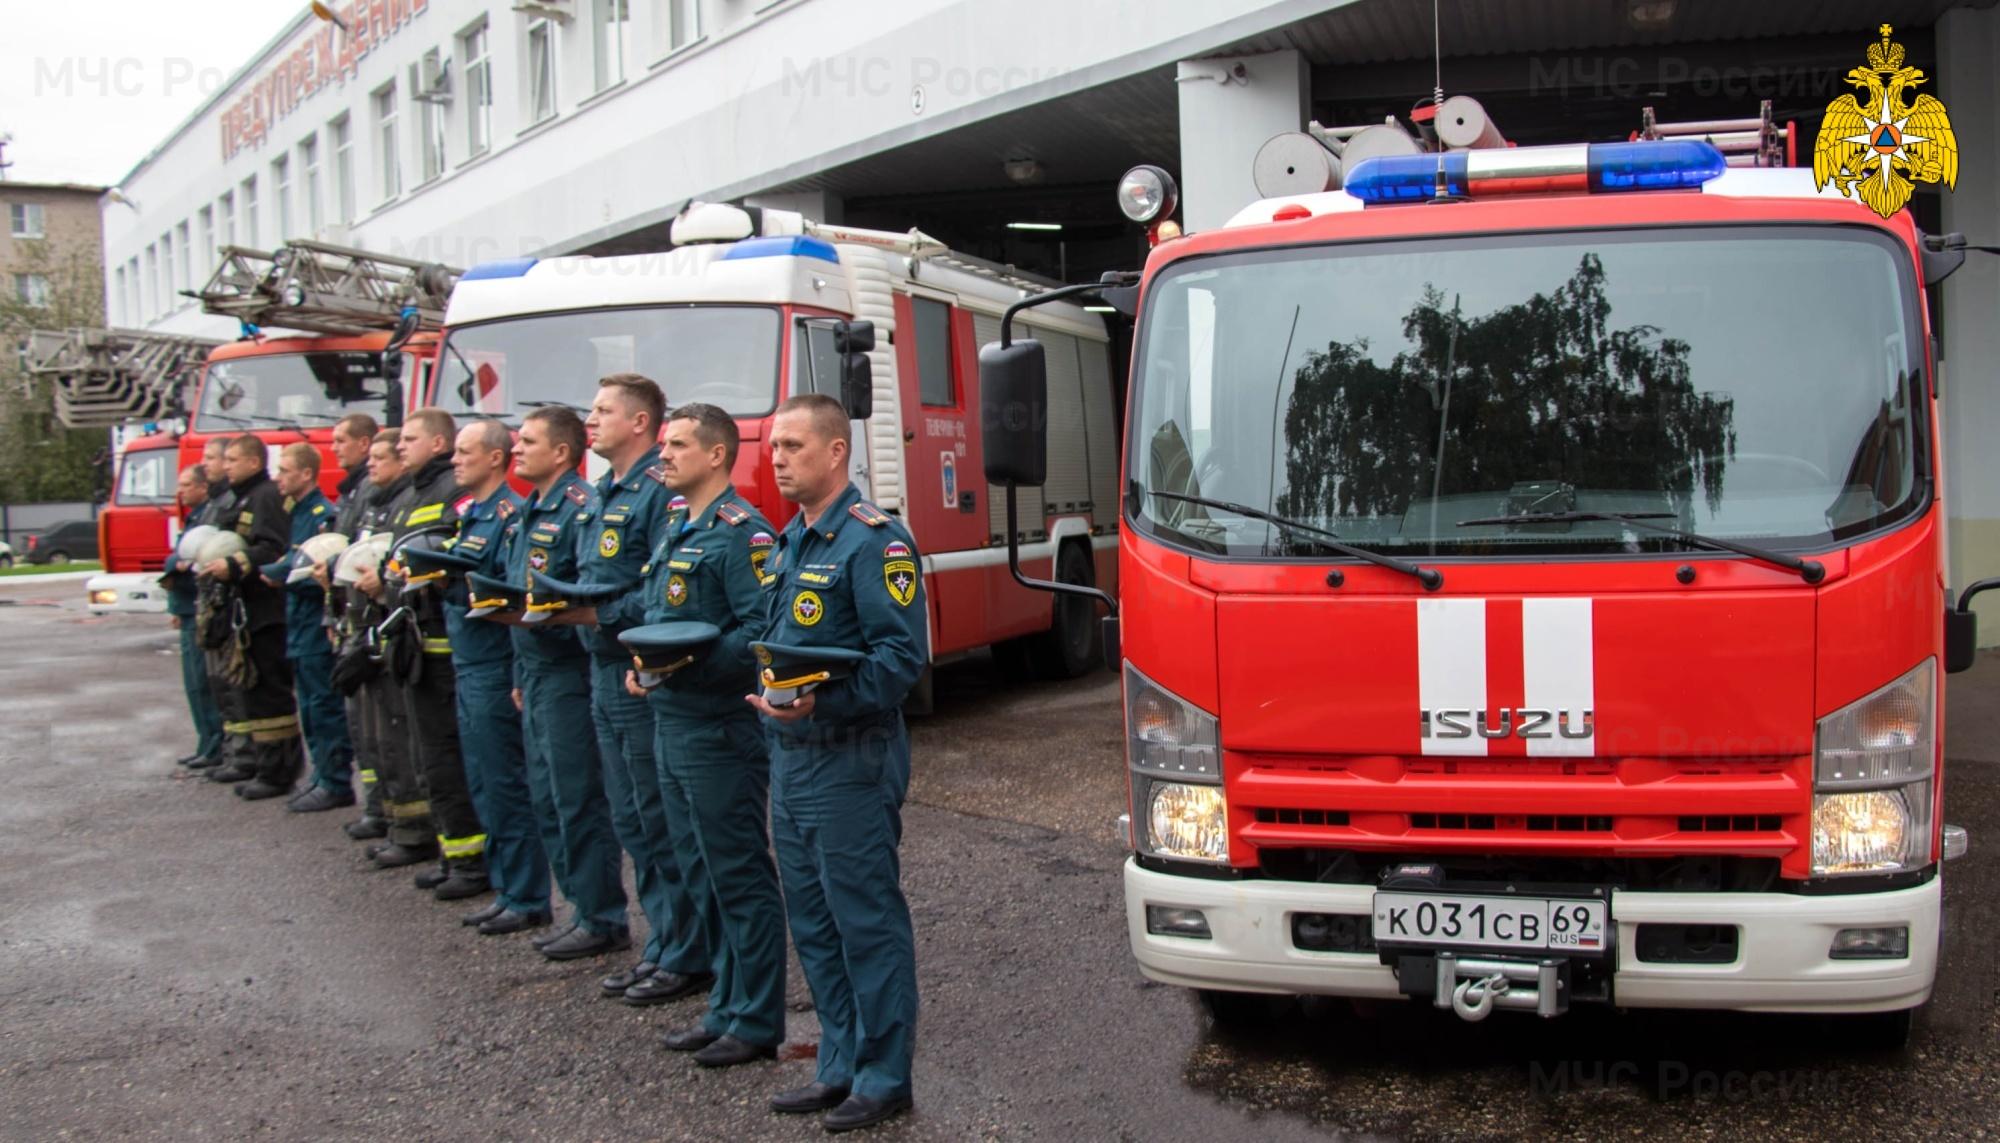 Спасатели Тверской области одновременно включили сирены в память о Евгении Зиничеве - новости Афанасий